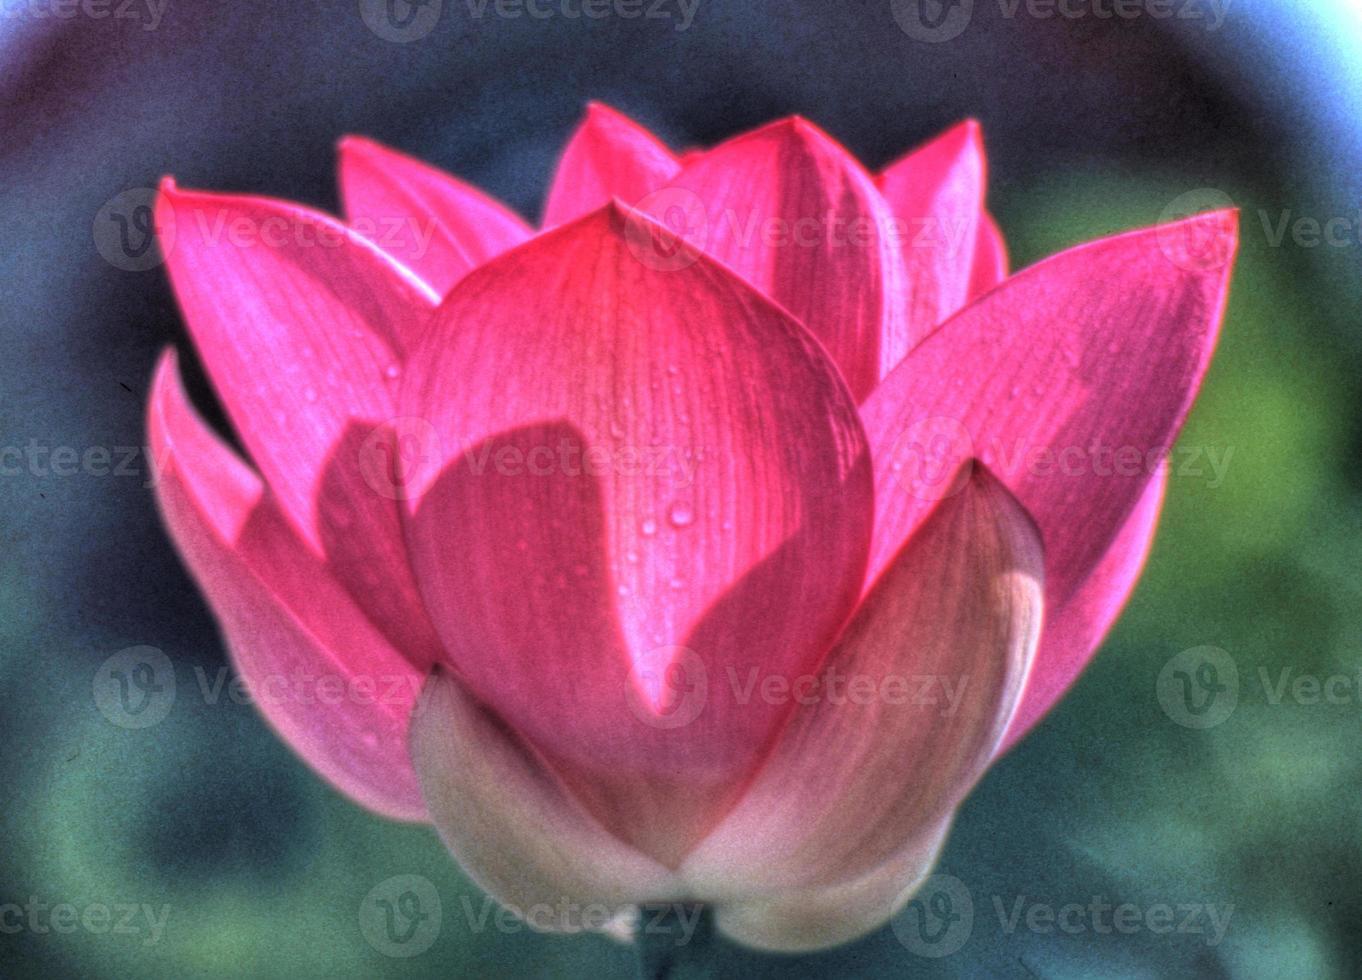 Opening Pink Lotus photo